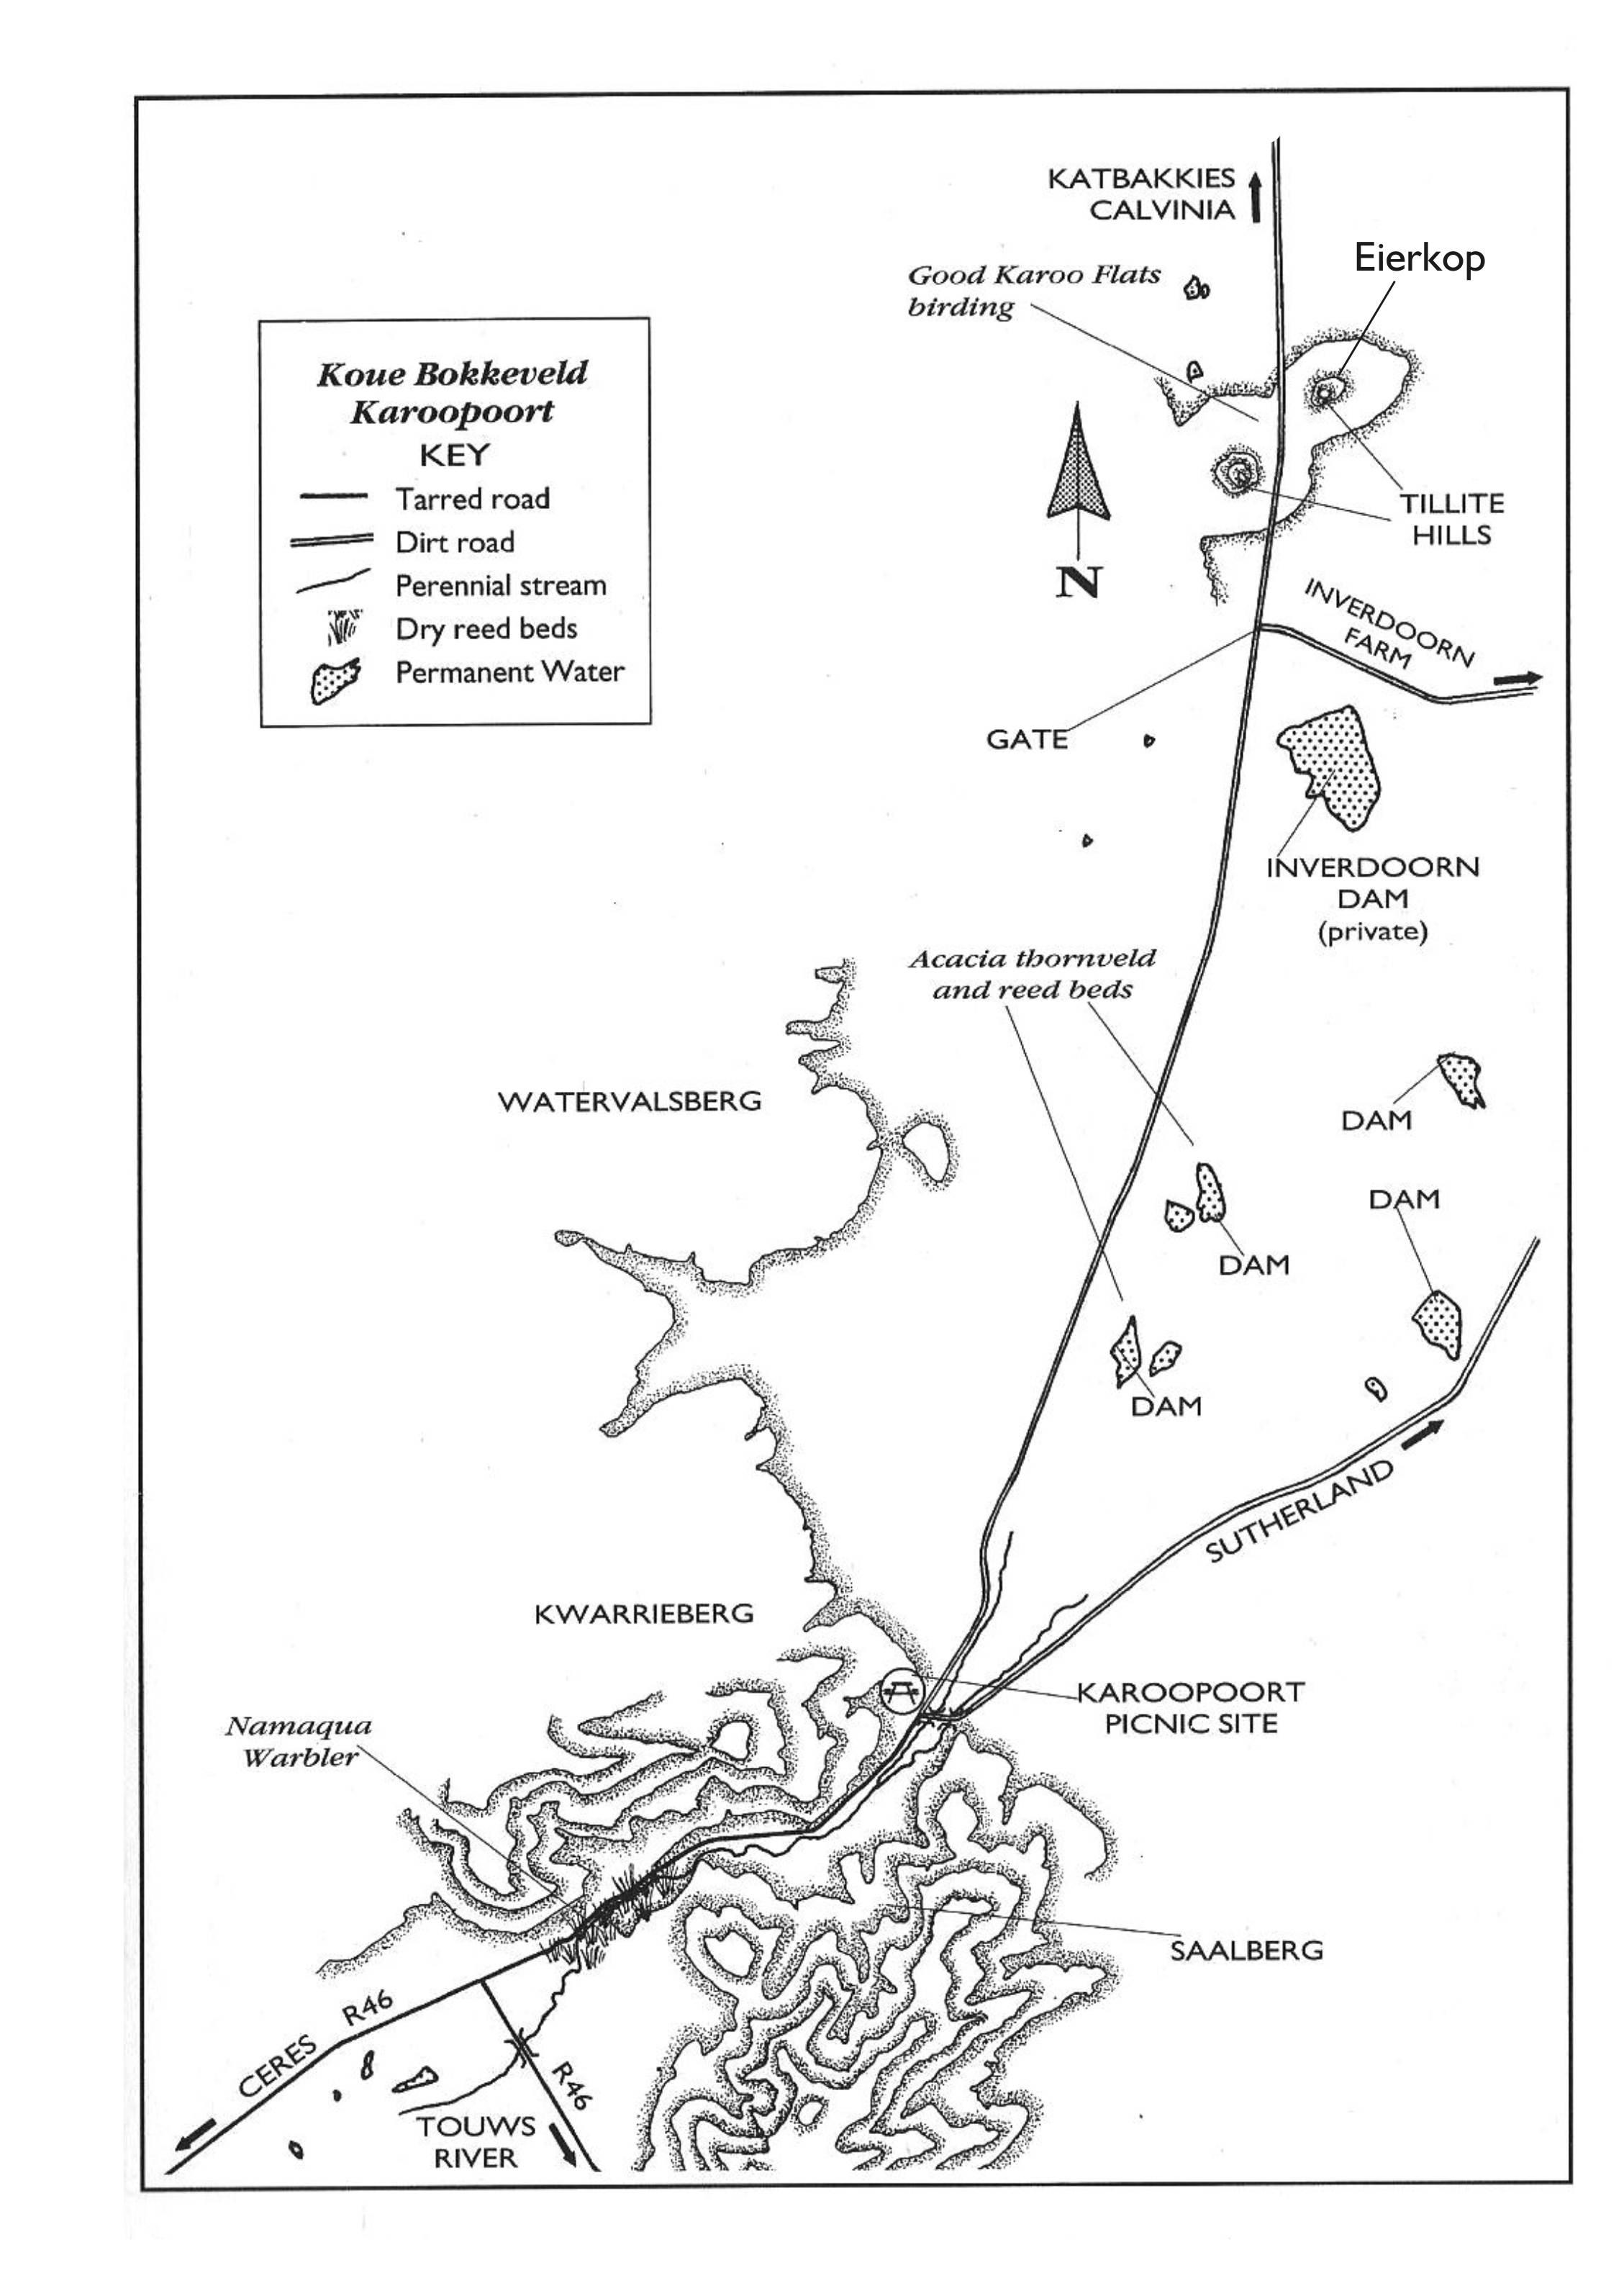 Karoopoort site map